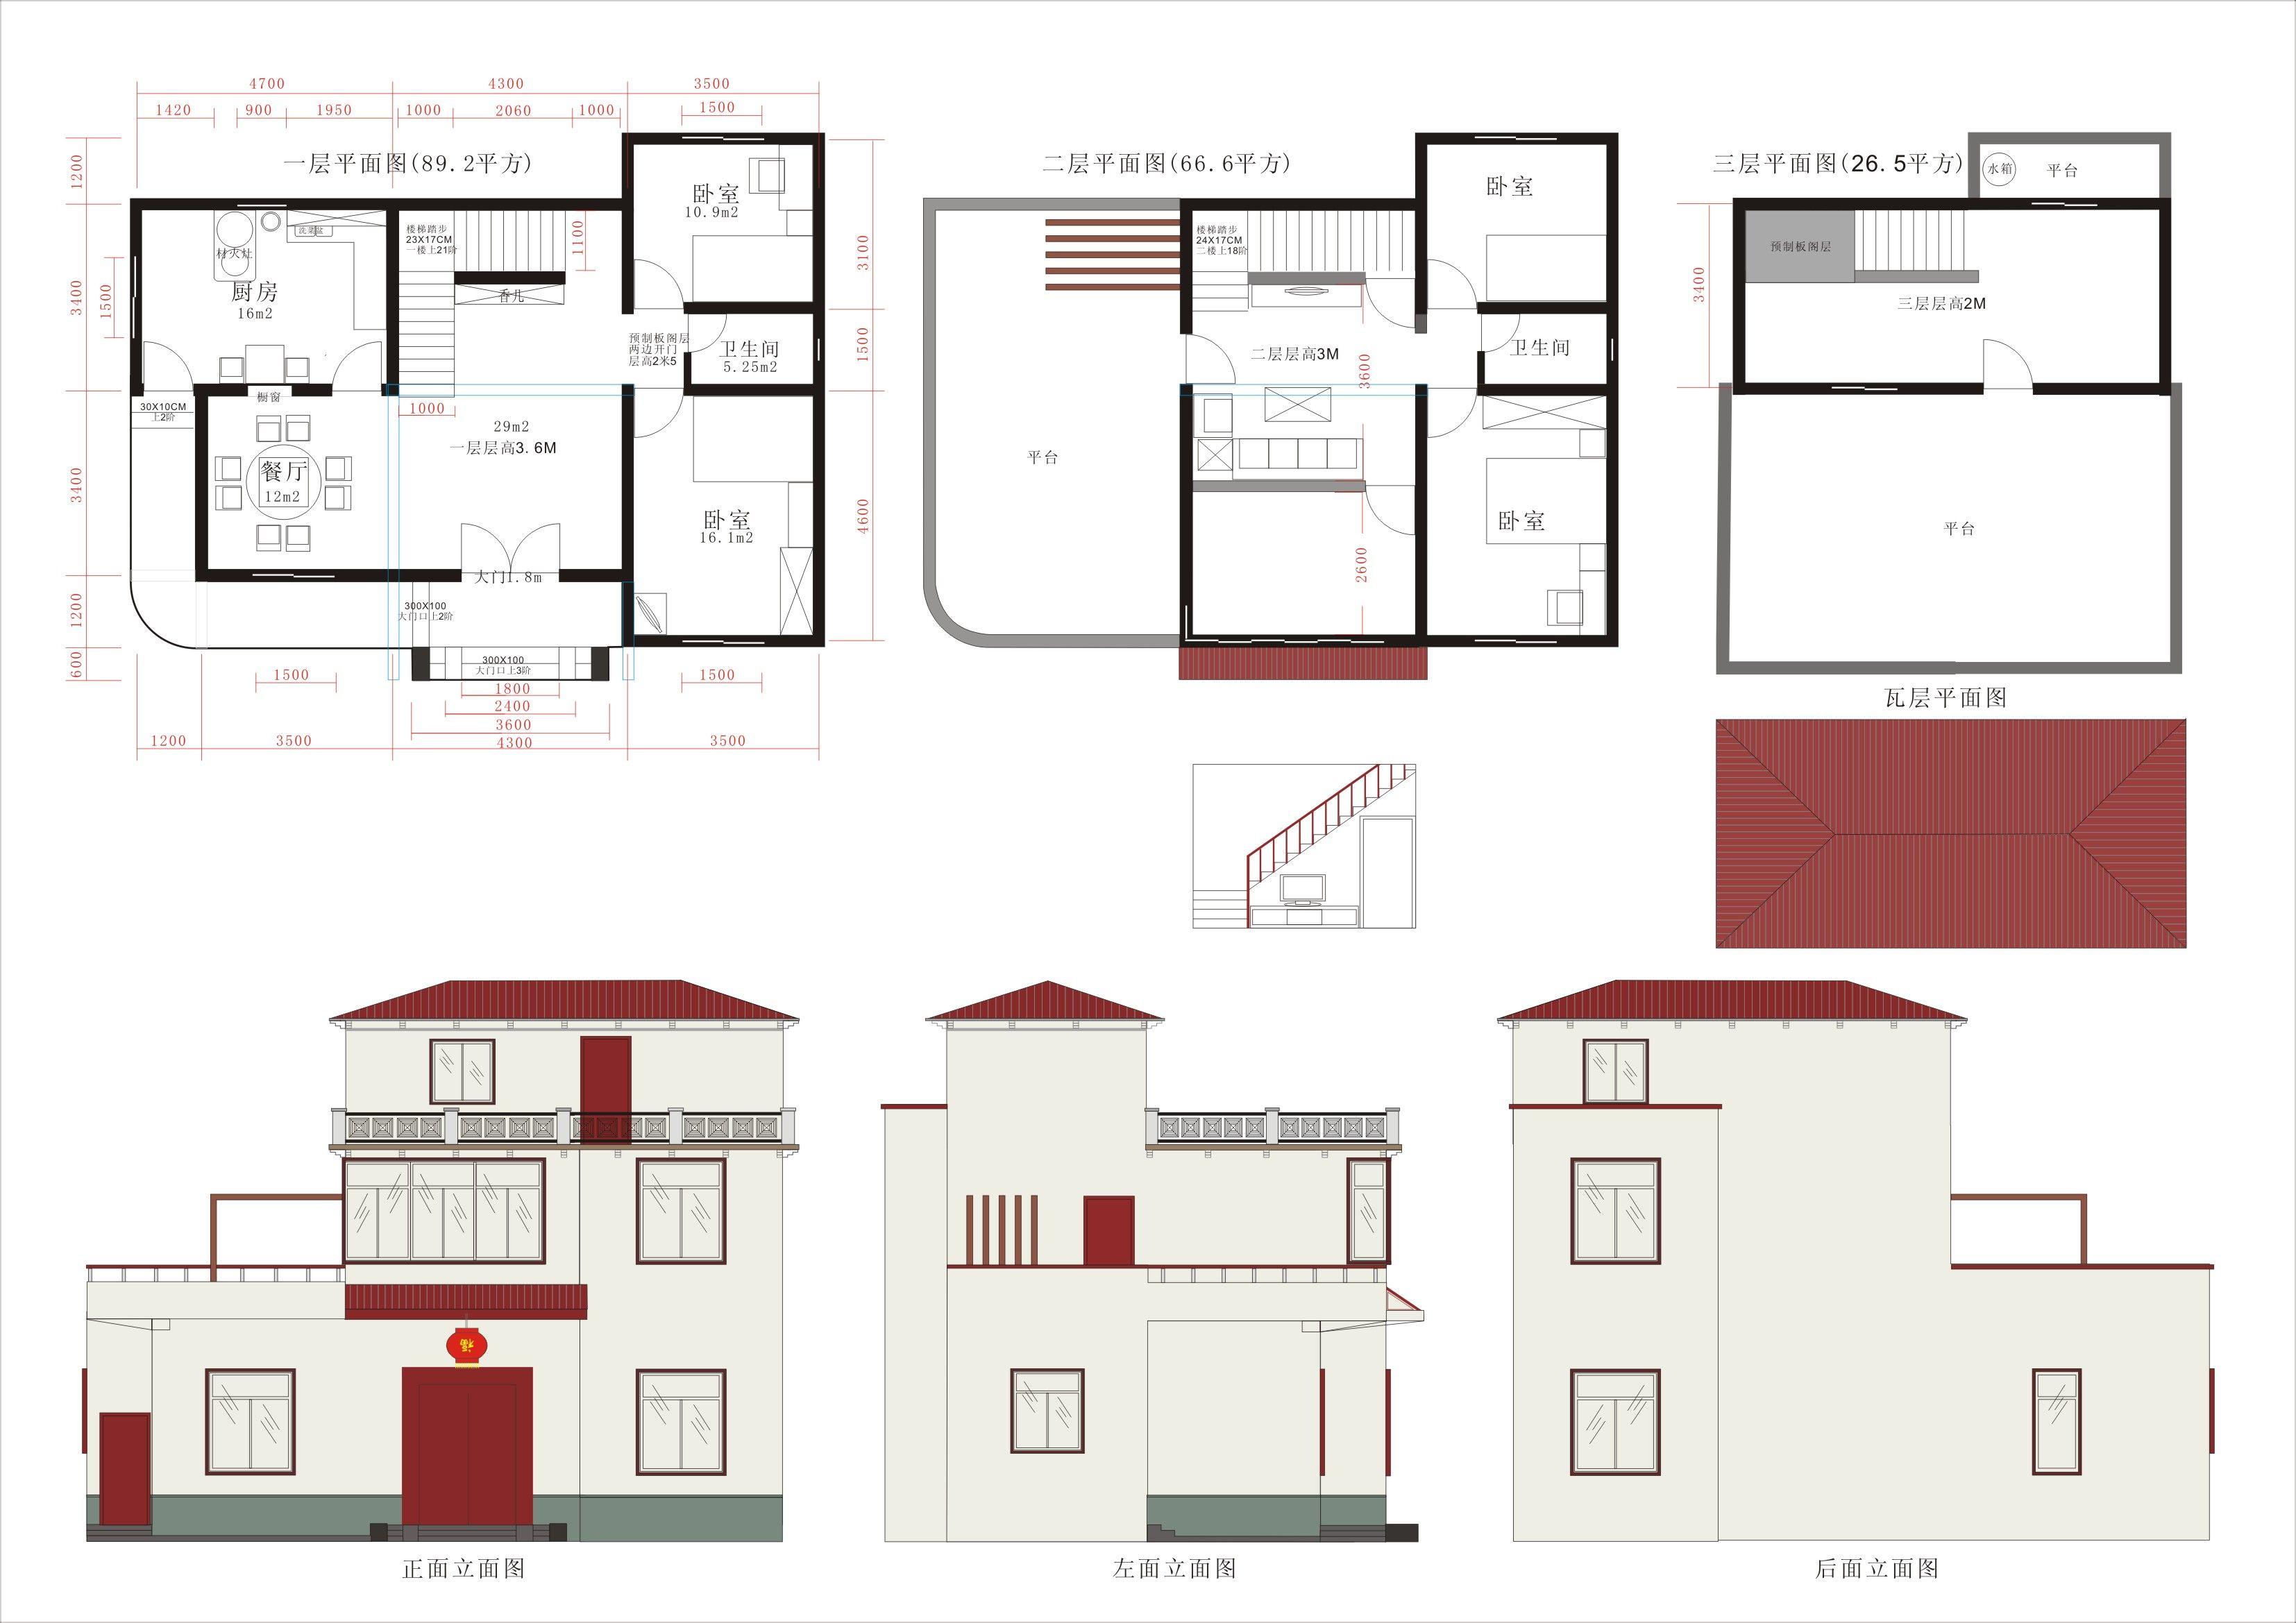 90平方农村别墅设计图-80平方小别墅设计图-二层90平方别墅设计图-90图片